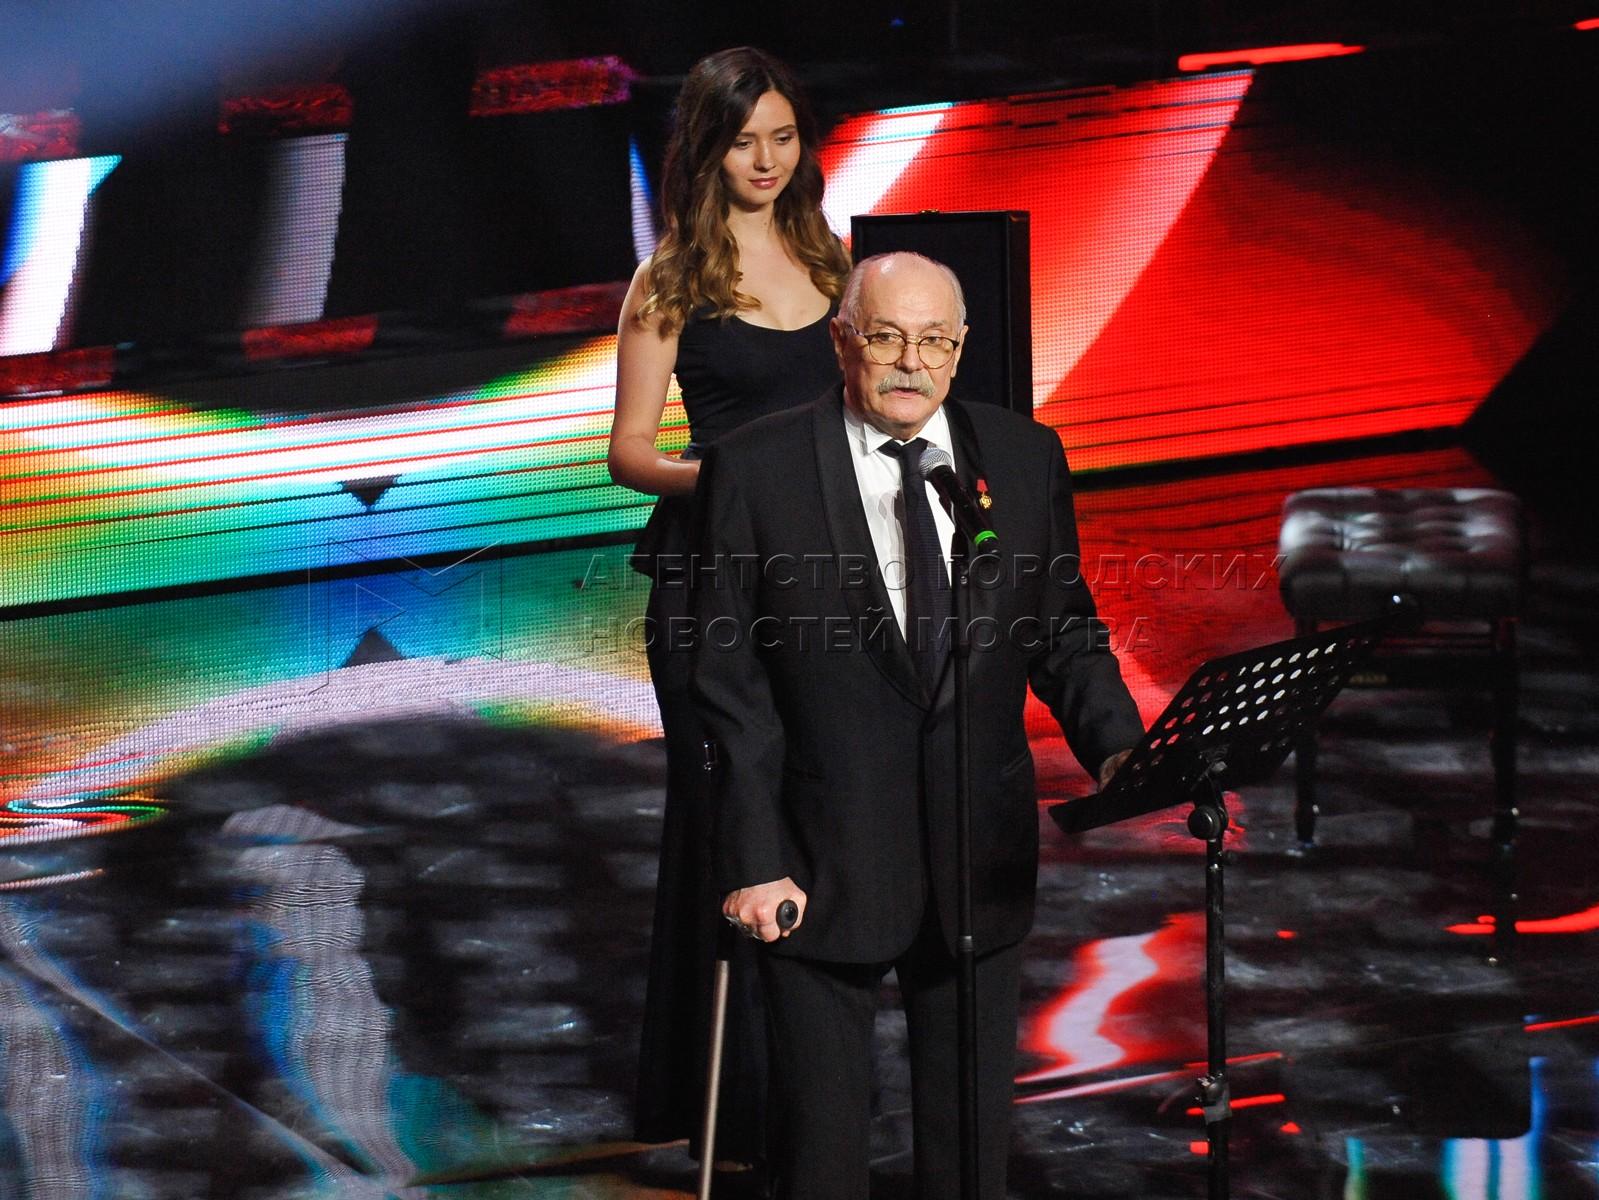 Президент ММКФ, председатель Союза кинематографистов России, режиссер Никита Михалков на церемонии закрытия 41-го Московского международного кинофестиваля.